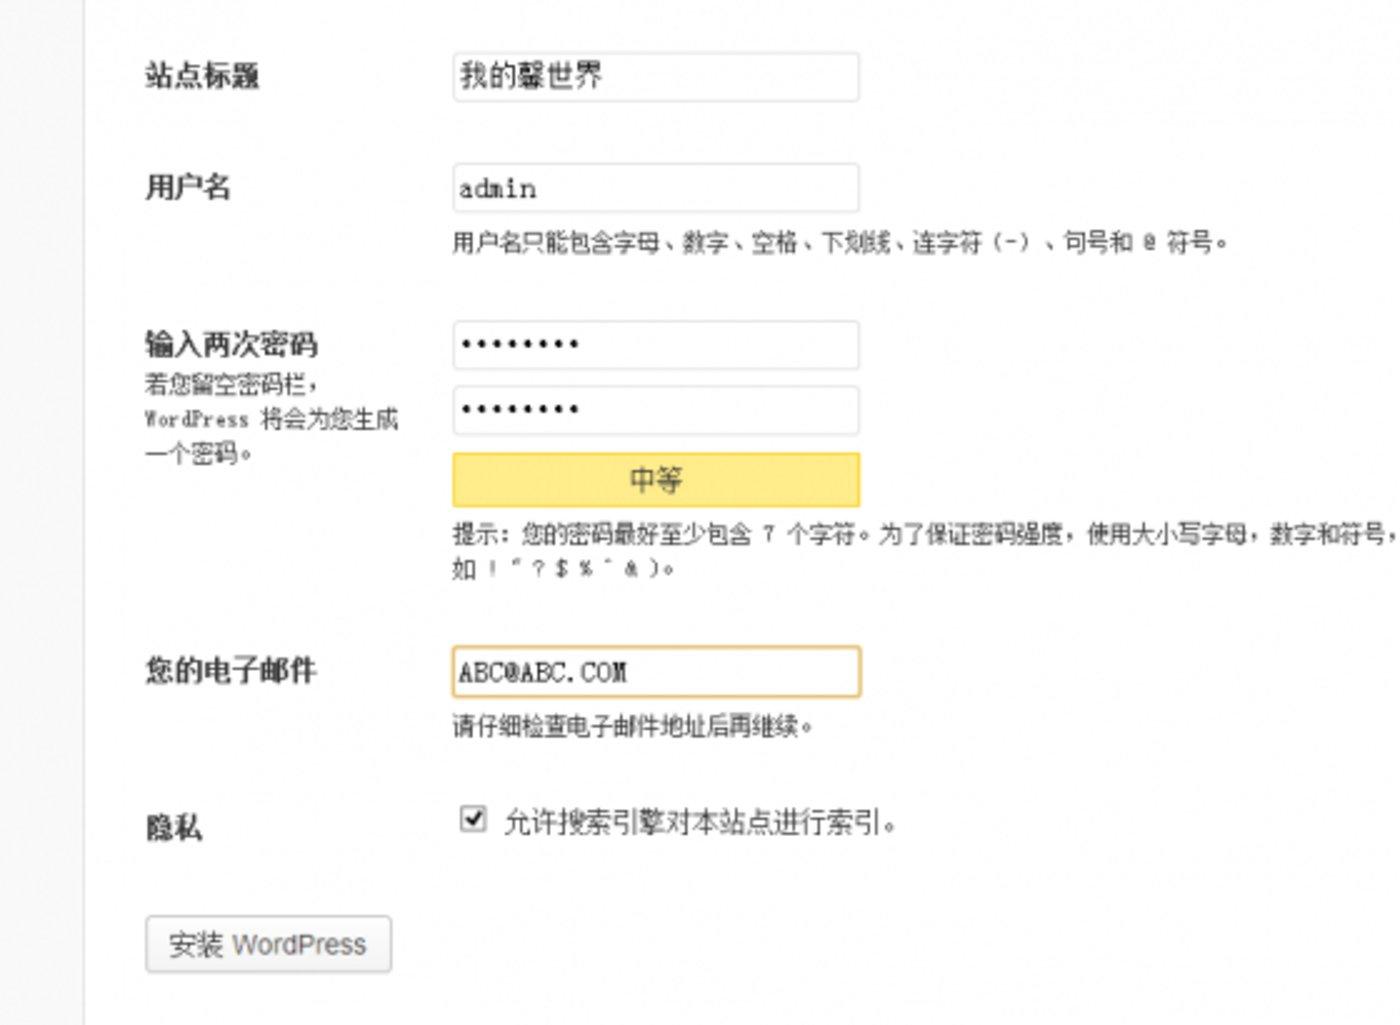 设置网站信息